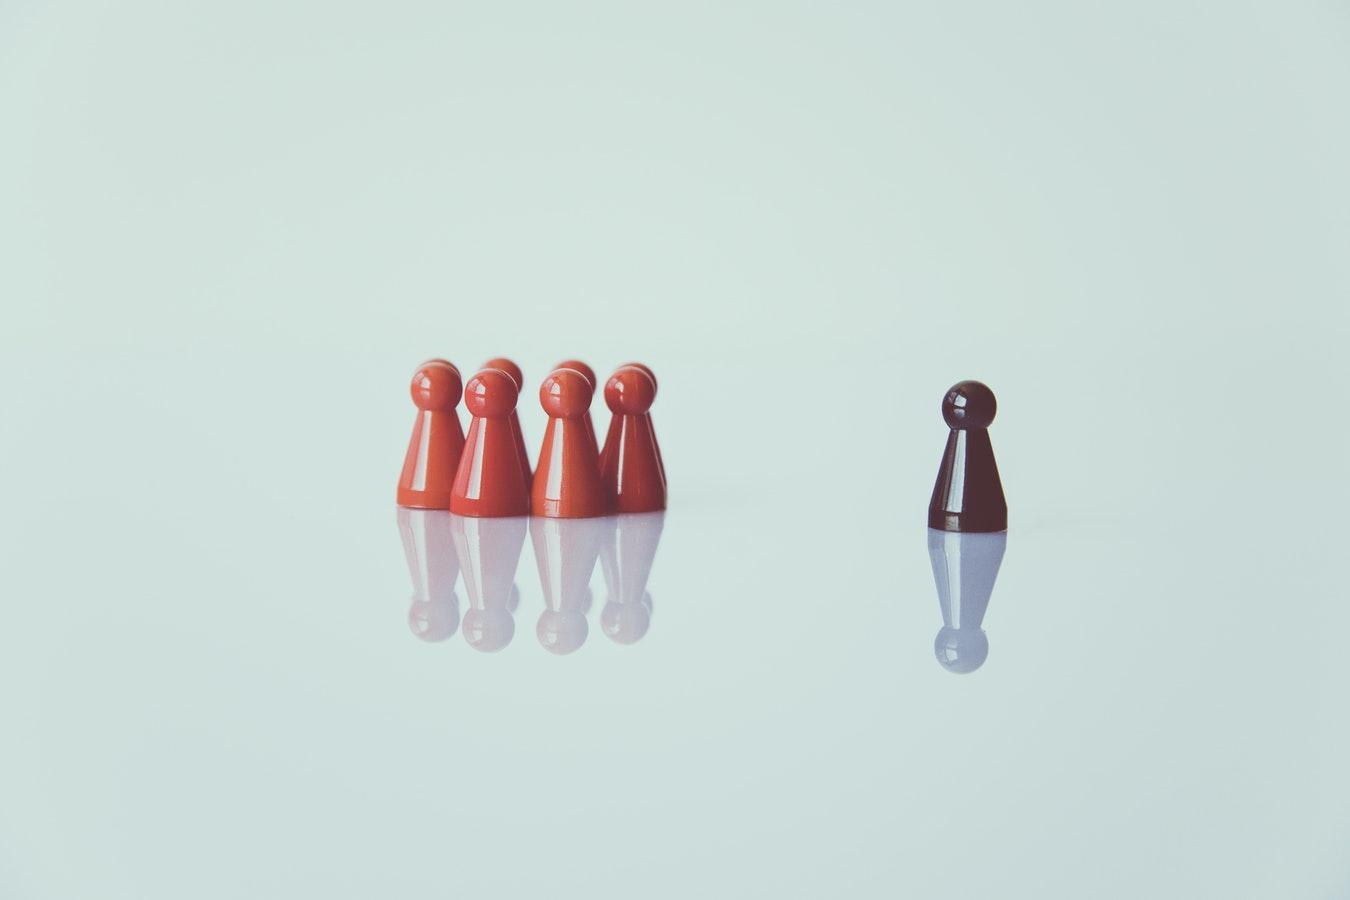 I 10 principi del buon leader